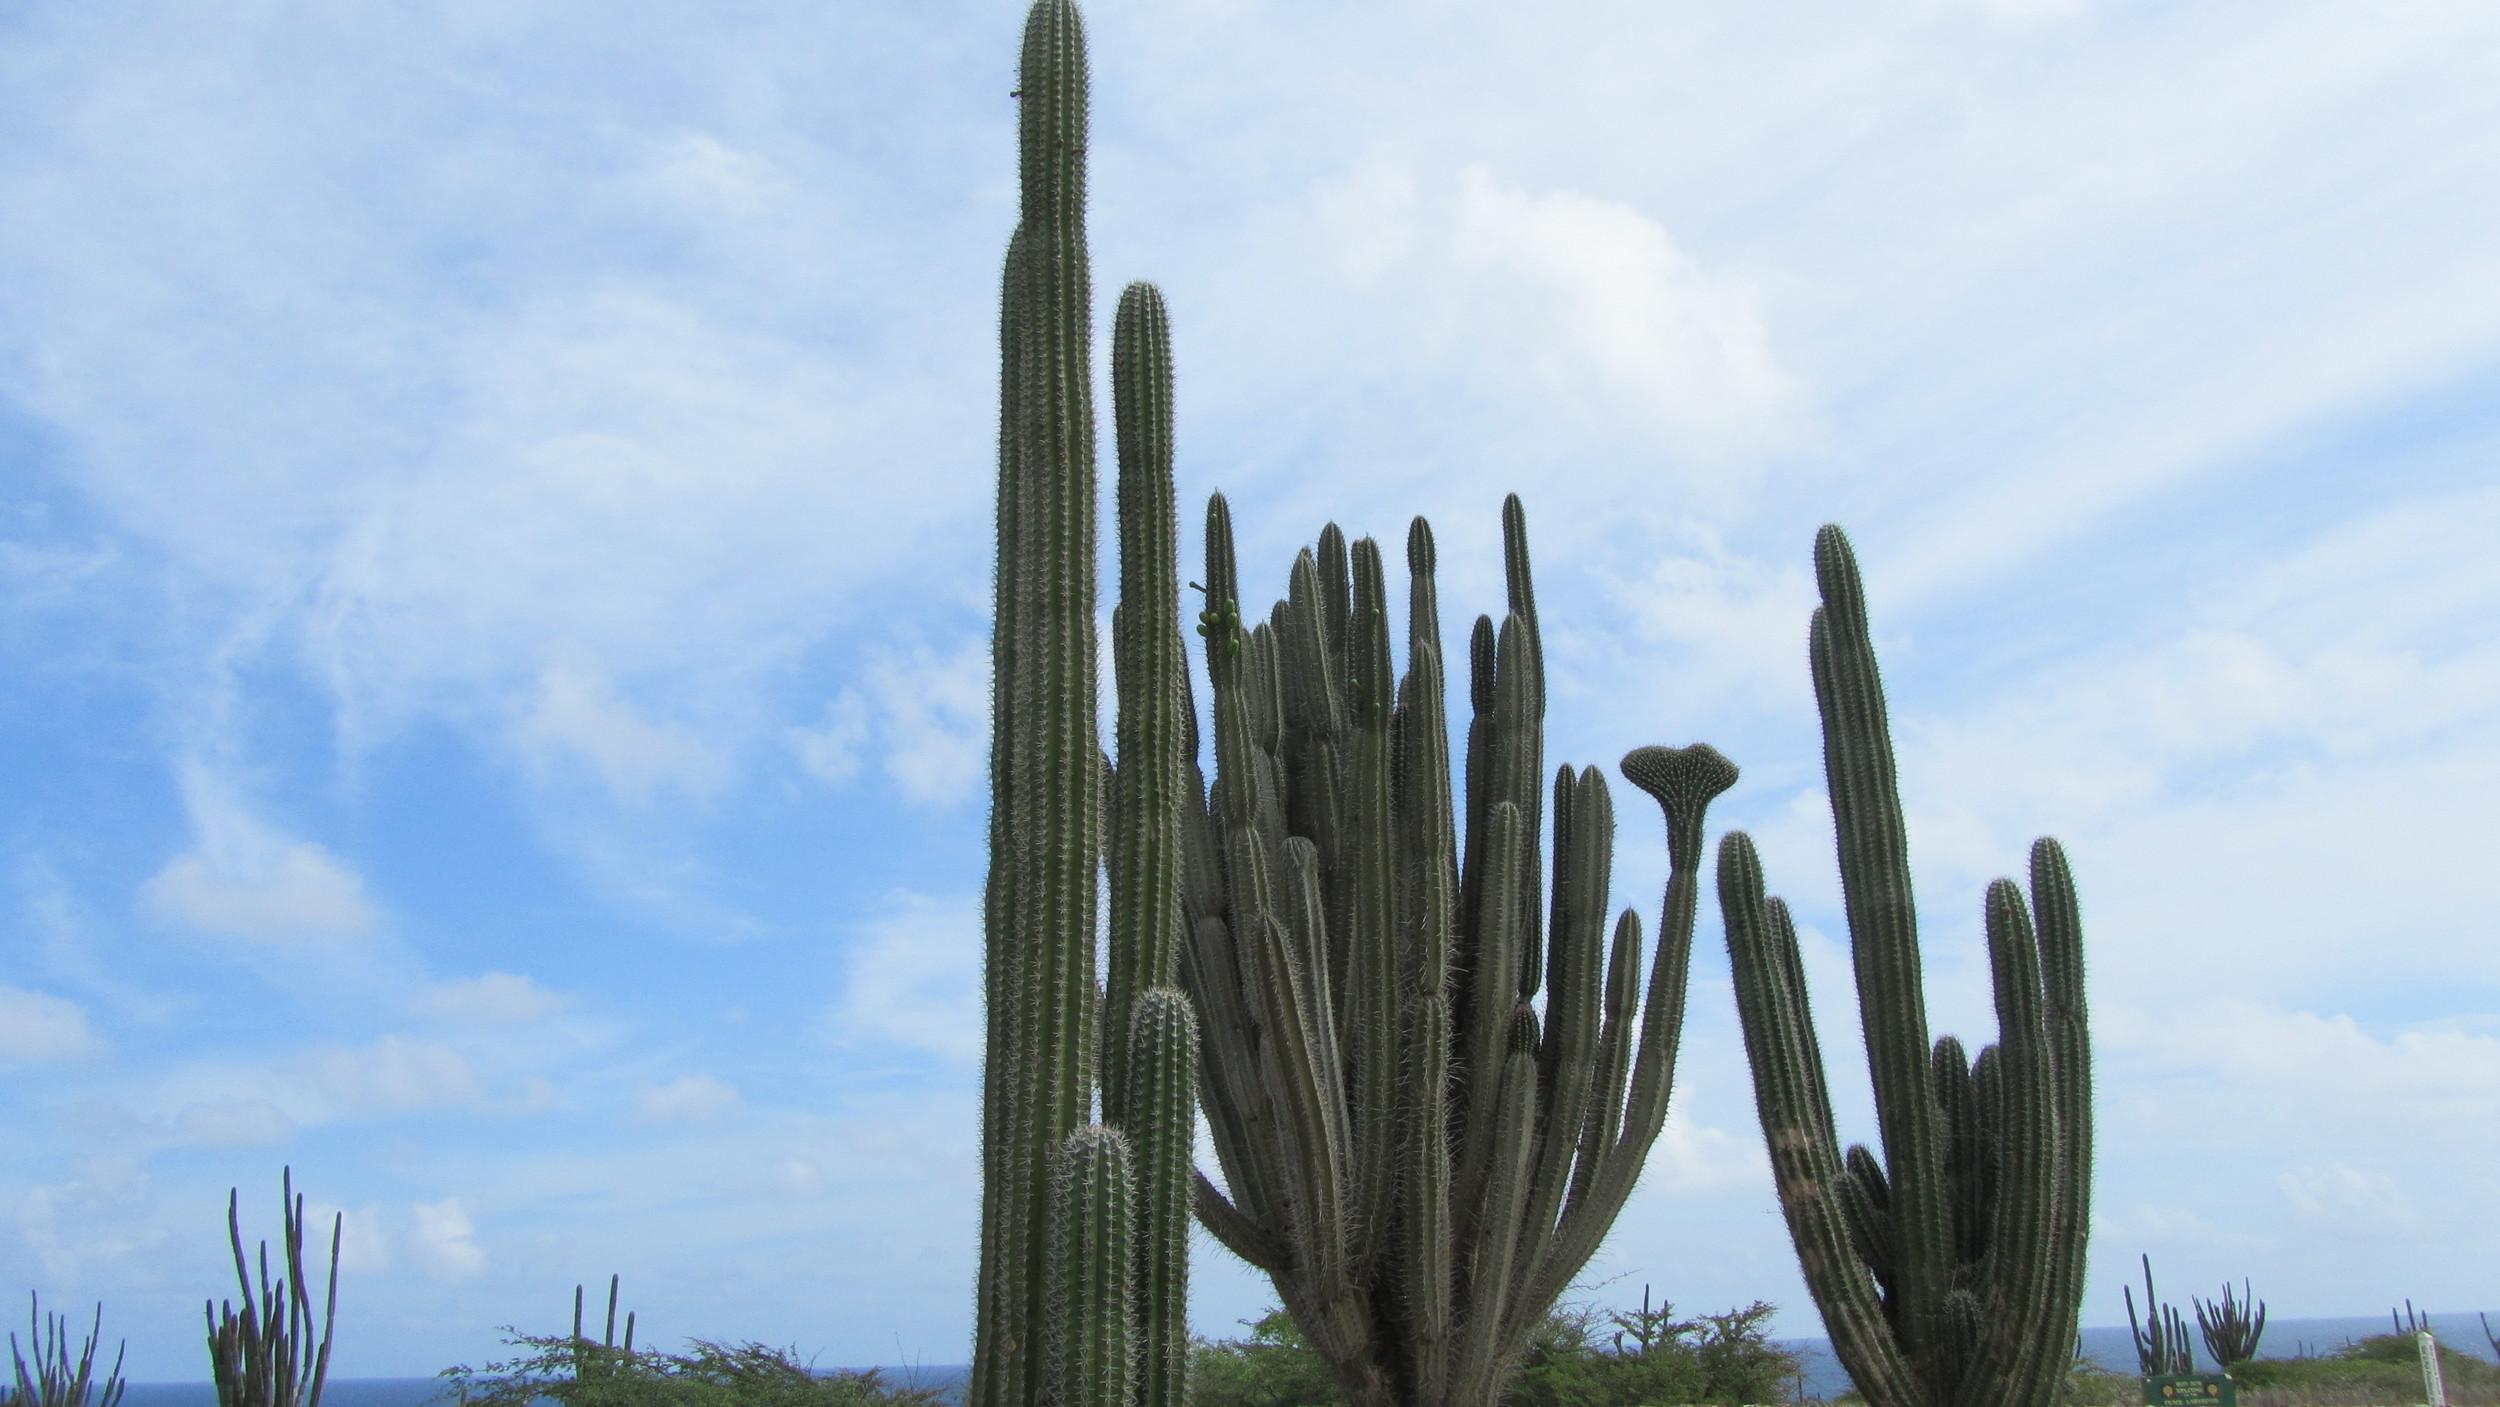 My trip to Aruba